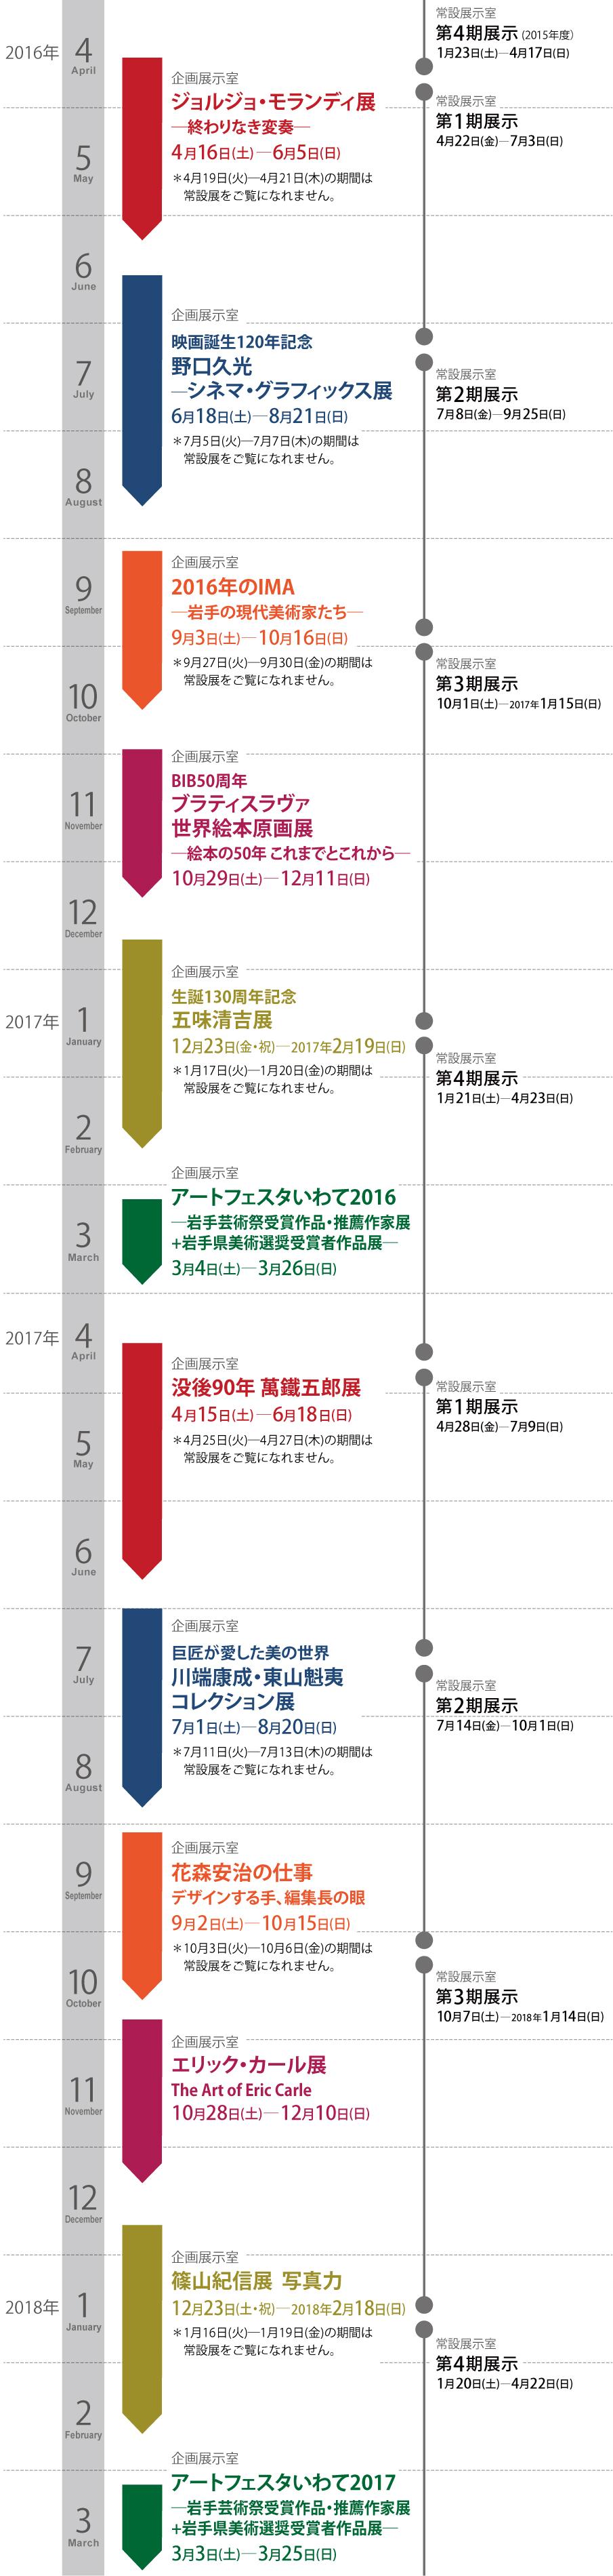 展覧会/年間スケジュール2016-2017